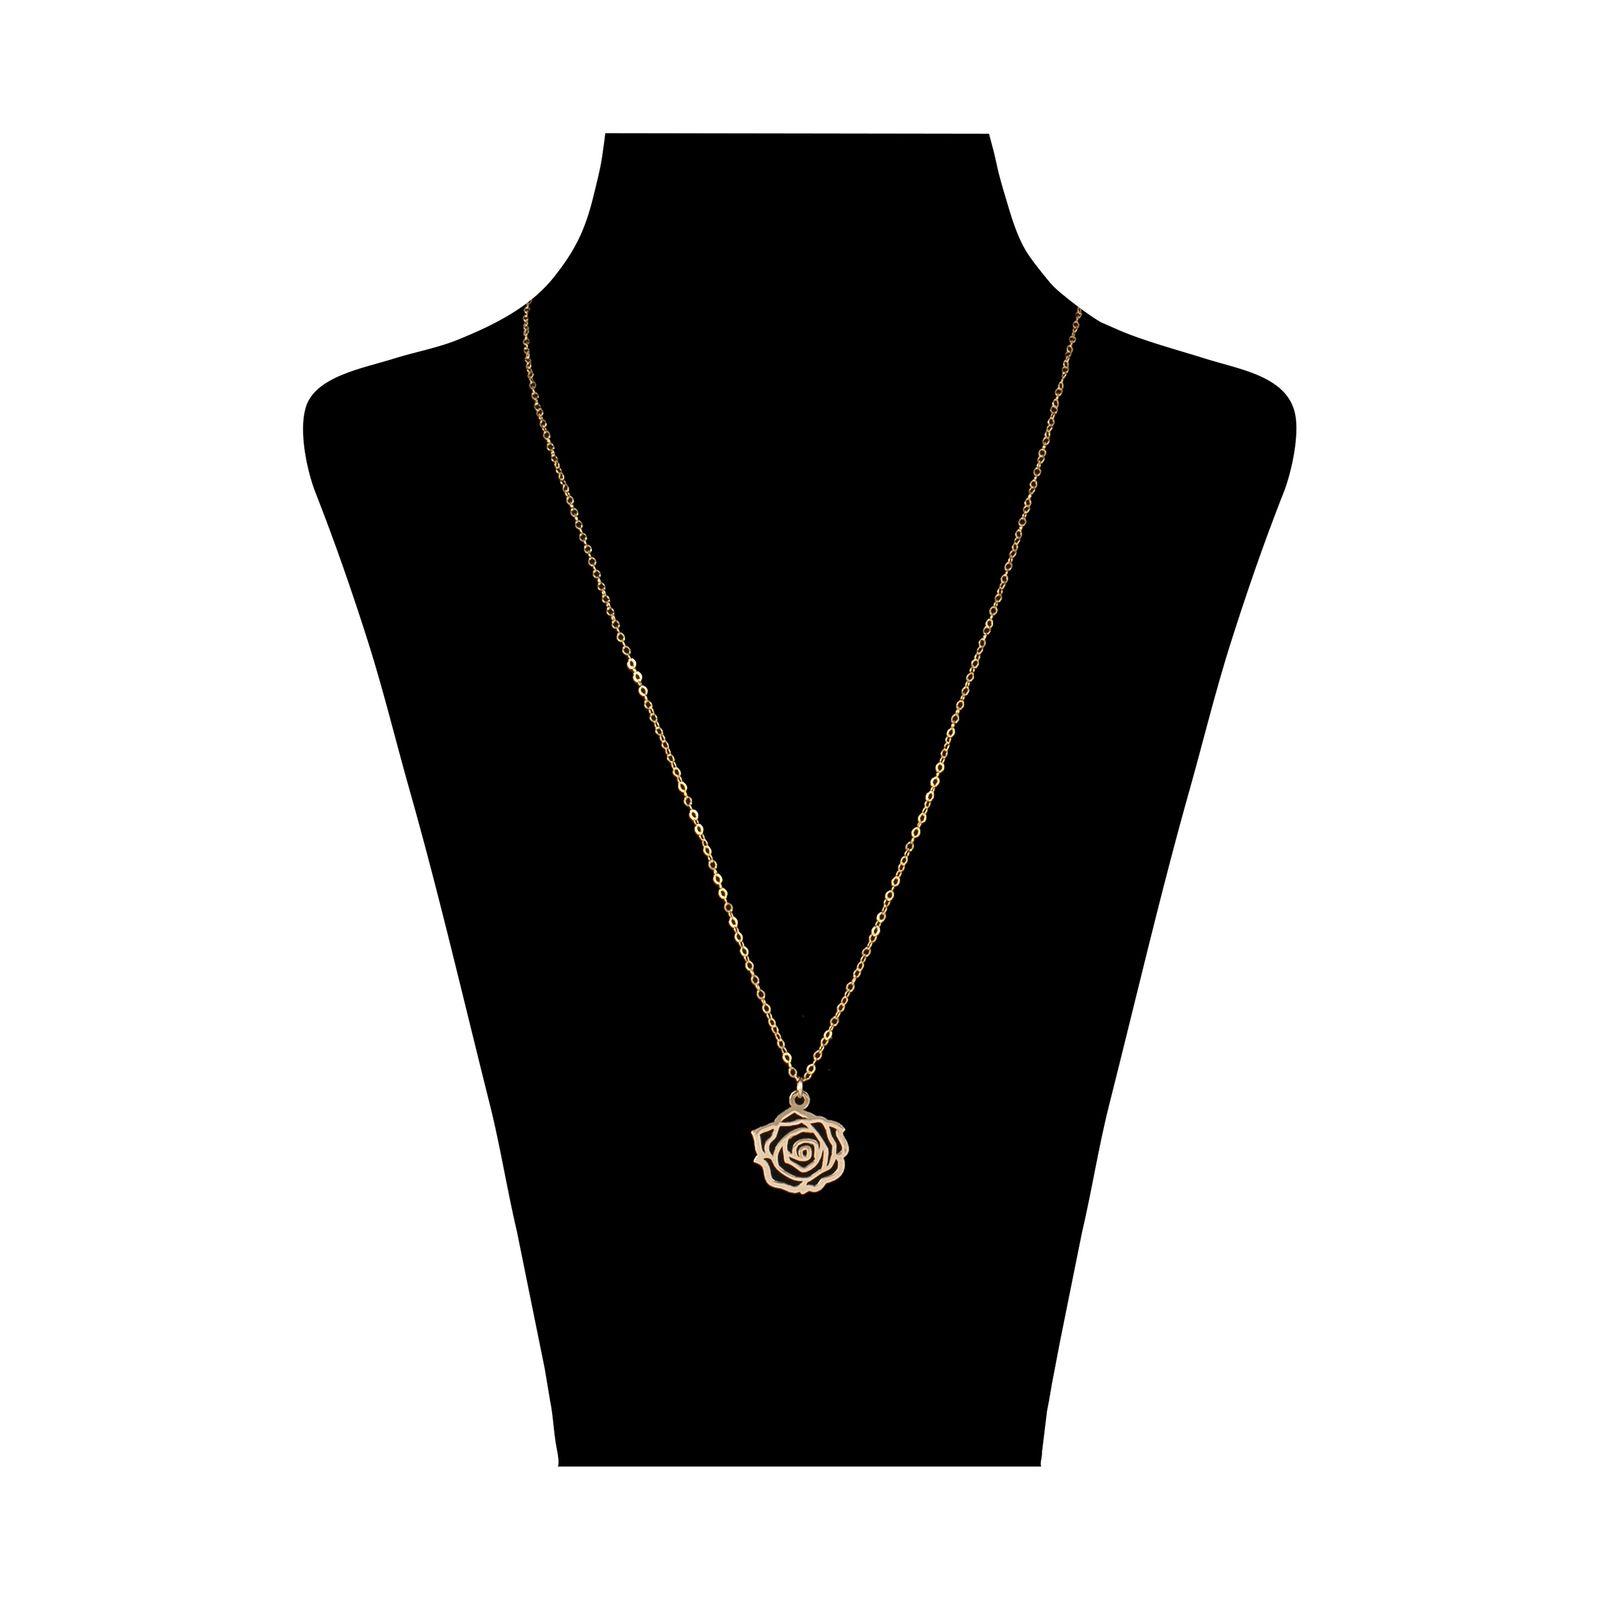 گردنبند طلا 18 عیار زنانه مایا ماهک مدل MM0959 -  - 2